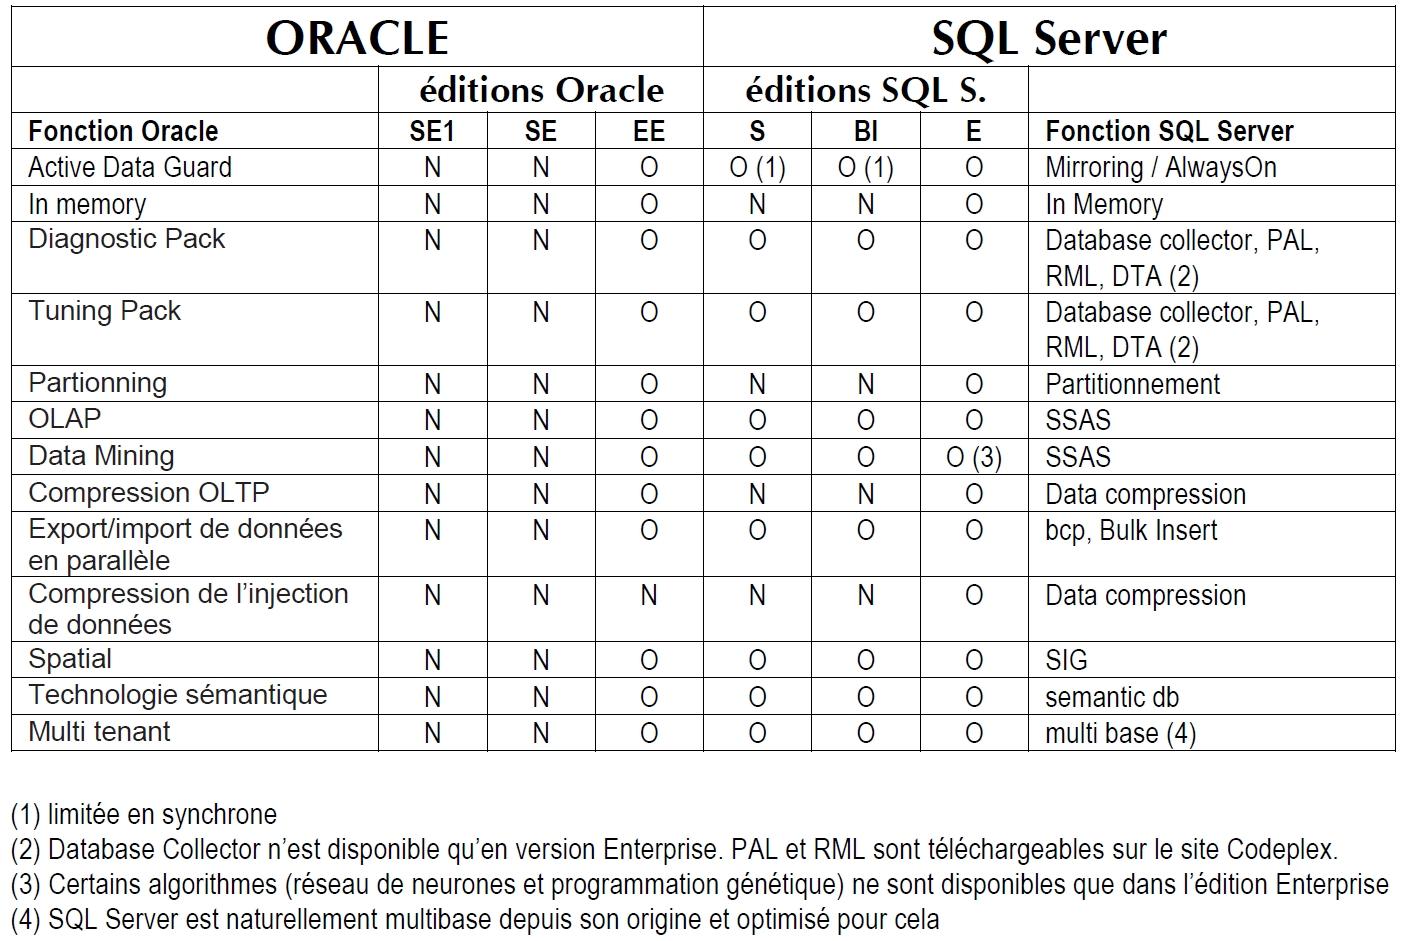 Comparaison des fonctionnalités Oracle (payantes) et SQL Server (gratuites)